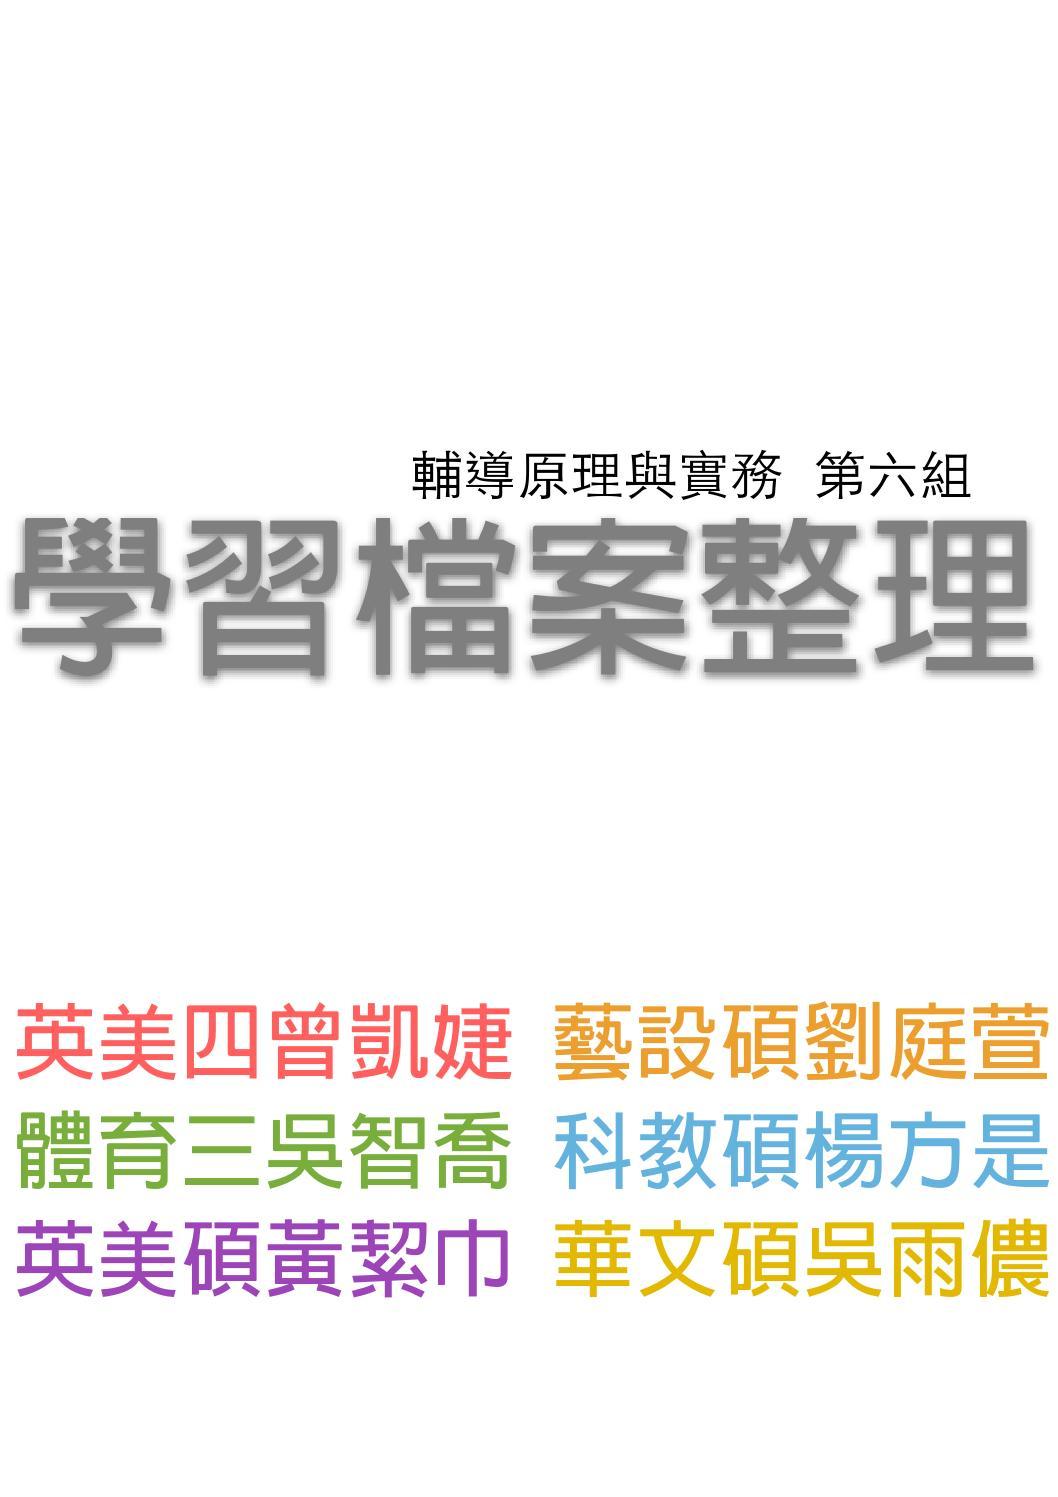 輔導原理與實務第六組資料整理 by Ting-Shuan Liu - Issuu